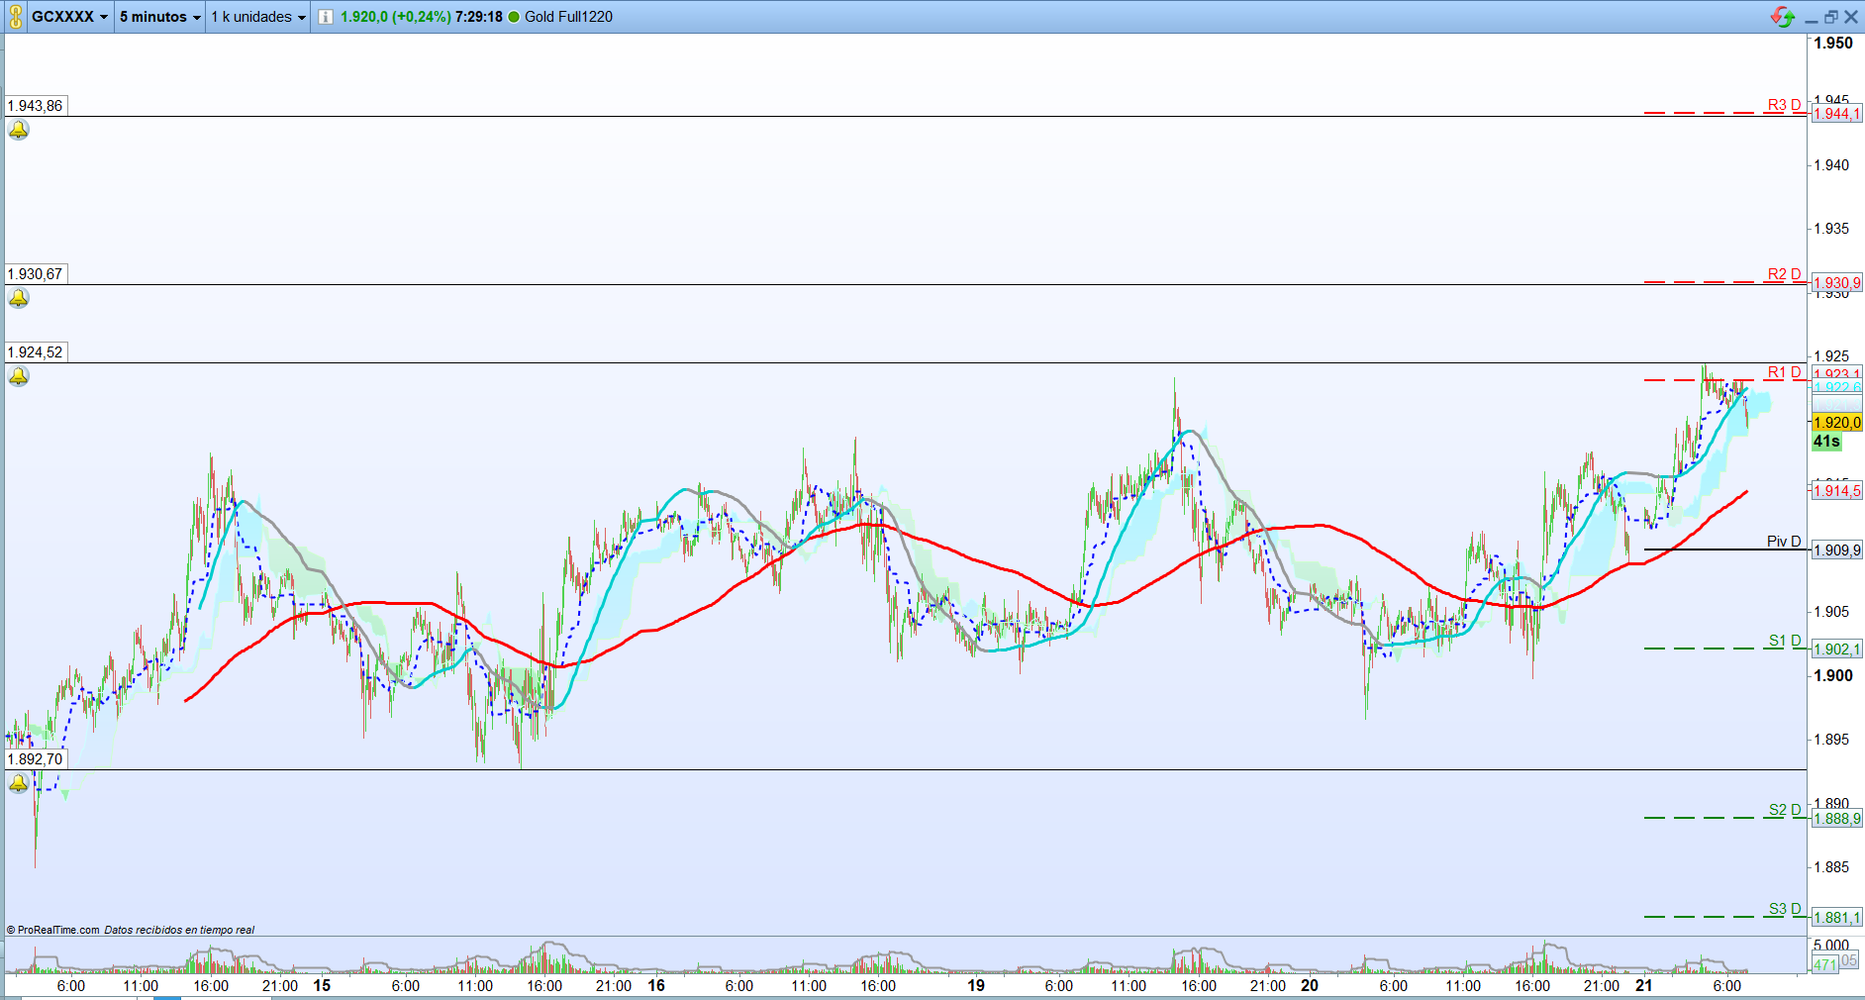 Oro: Trading de corto plazo. Scalping